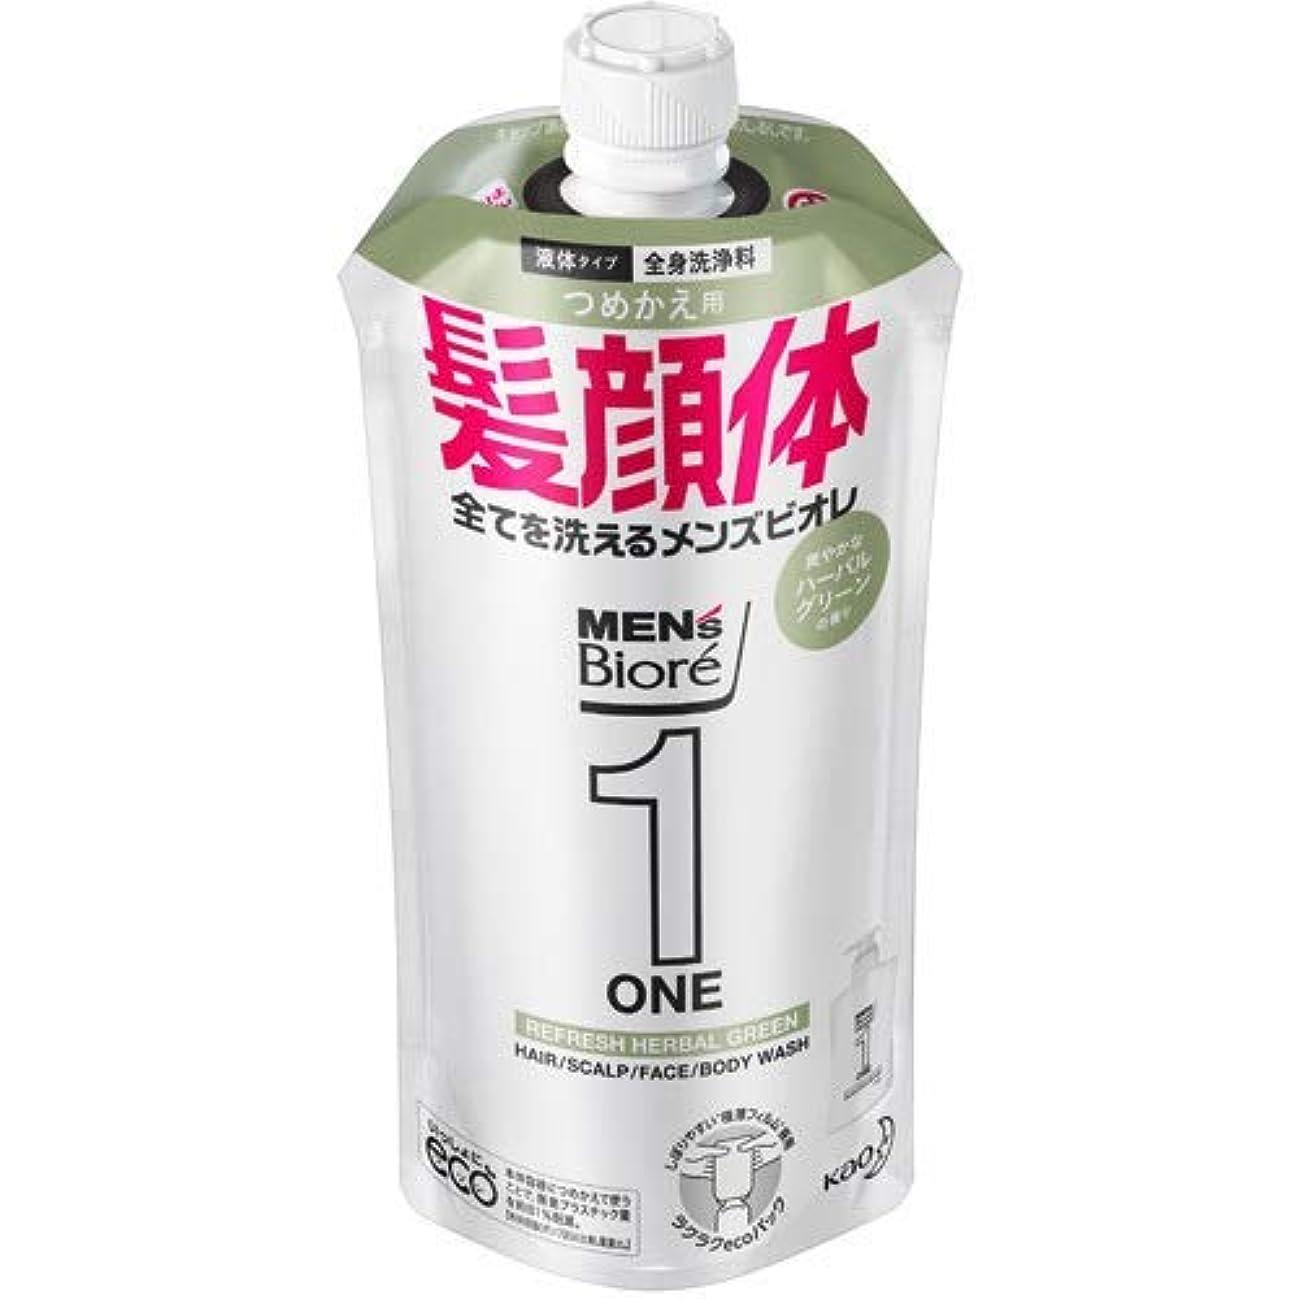 従者色霧深い【10個セット】メンズビオレONE オールインワン全身洗浄料 爽やかなハーブルグリーンの香り つめかえ用 340mL